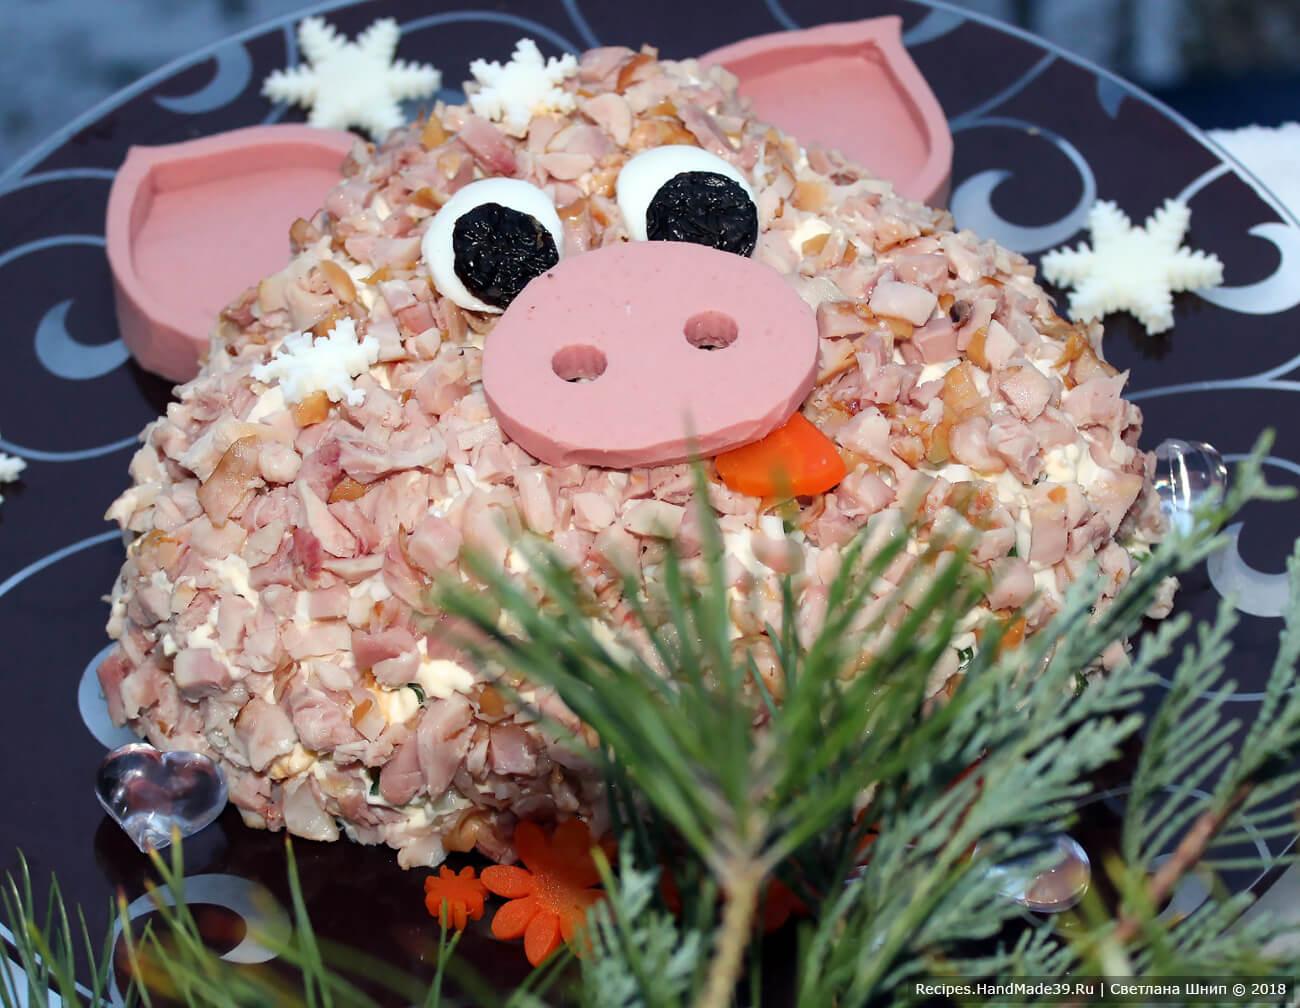 Оливье с цветной капустой и копчёной курицей – пошаговый рецепт с фото. Приятного аппетита!